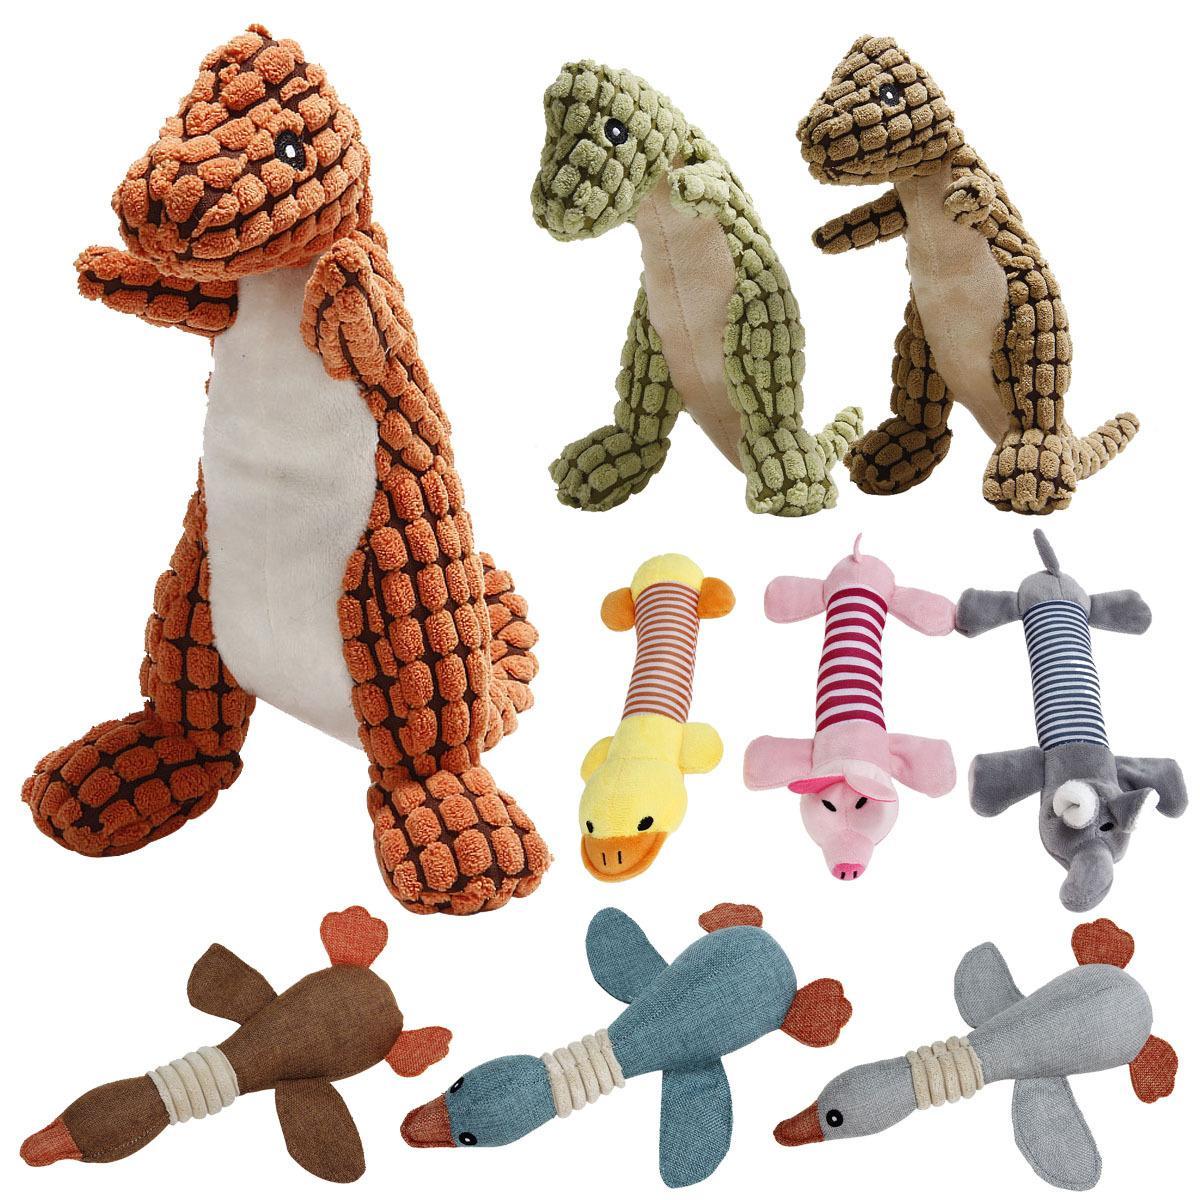 Animal de estimação interativo mastigado brinquedo brinquedo cão brinquedos pelúcia furby coruja pet filhote de cachorro mordendo brincando brinquedos para cães gato falando brinquedo